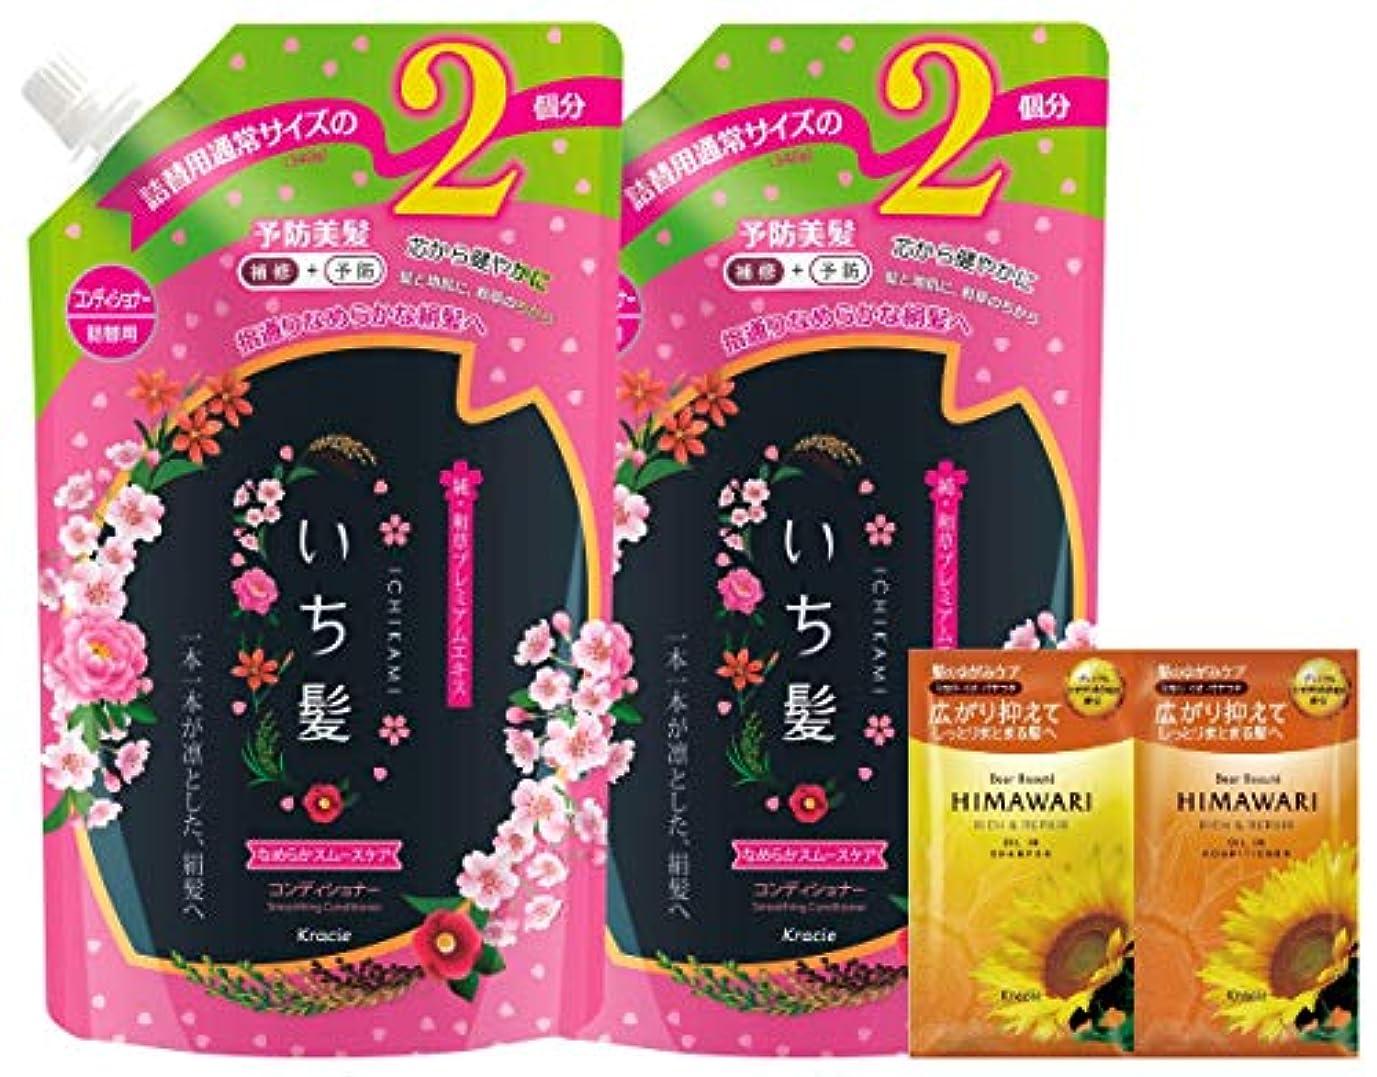 【Amazon.co.jp限定】いち髪なめらかスムースケアコンディショナー詰替2回分2個セット【まとめ買い】 ディアボーテHIMAWARIトライアルセット付